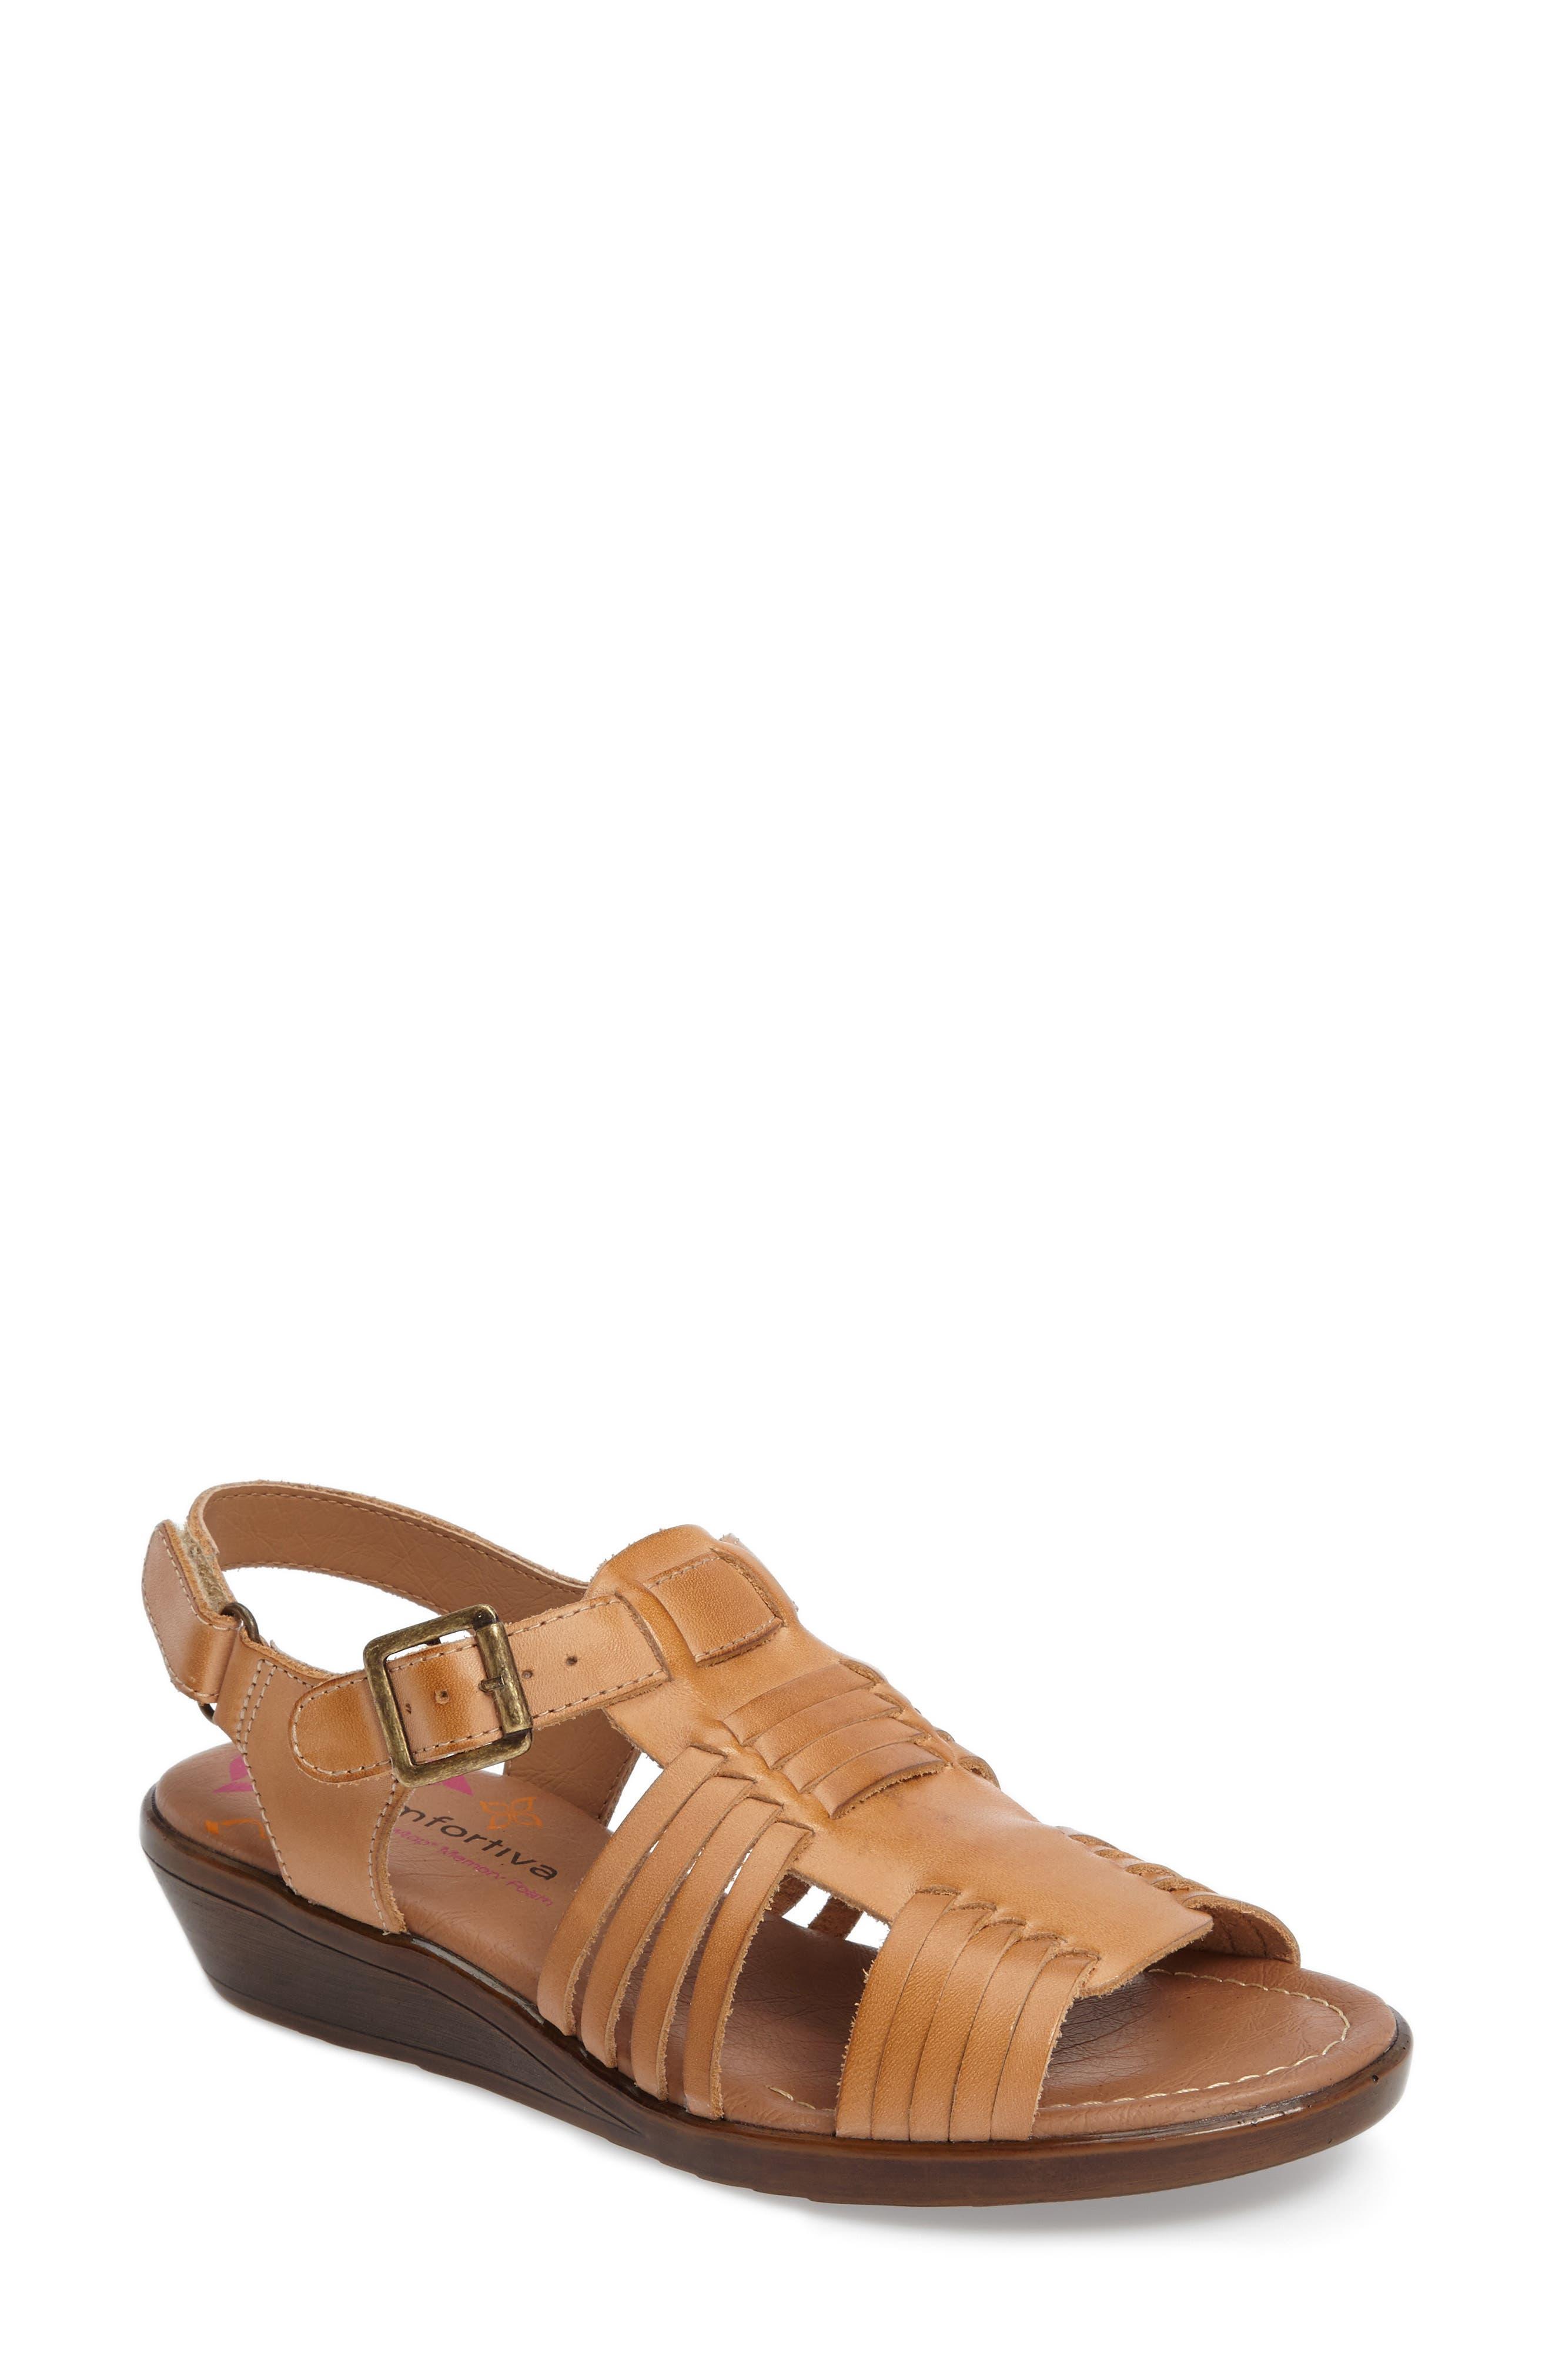 Comfortiva Women's Freeport Sandal hvep1